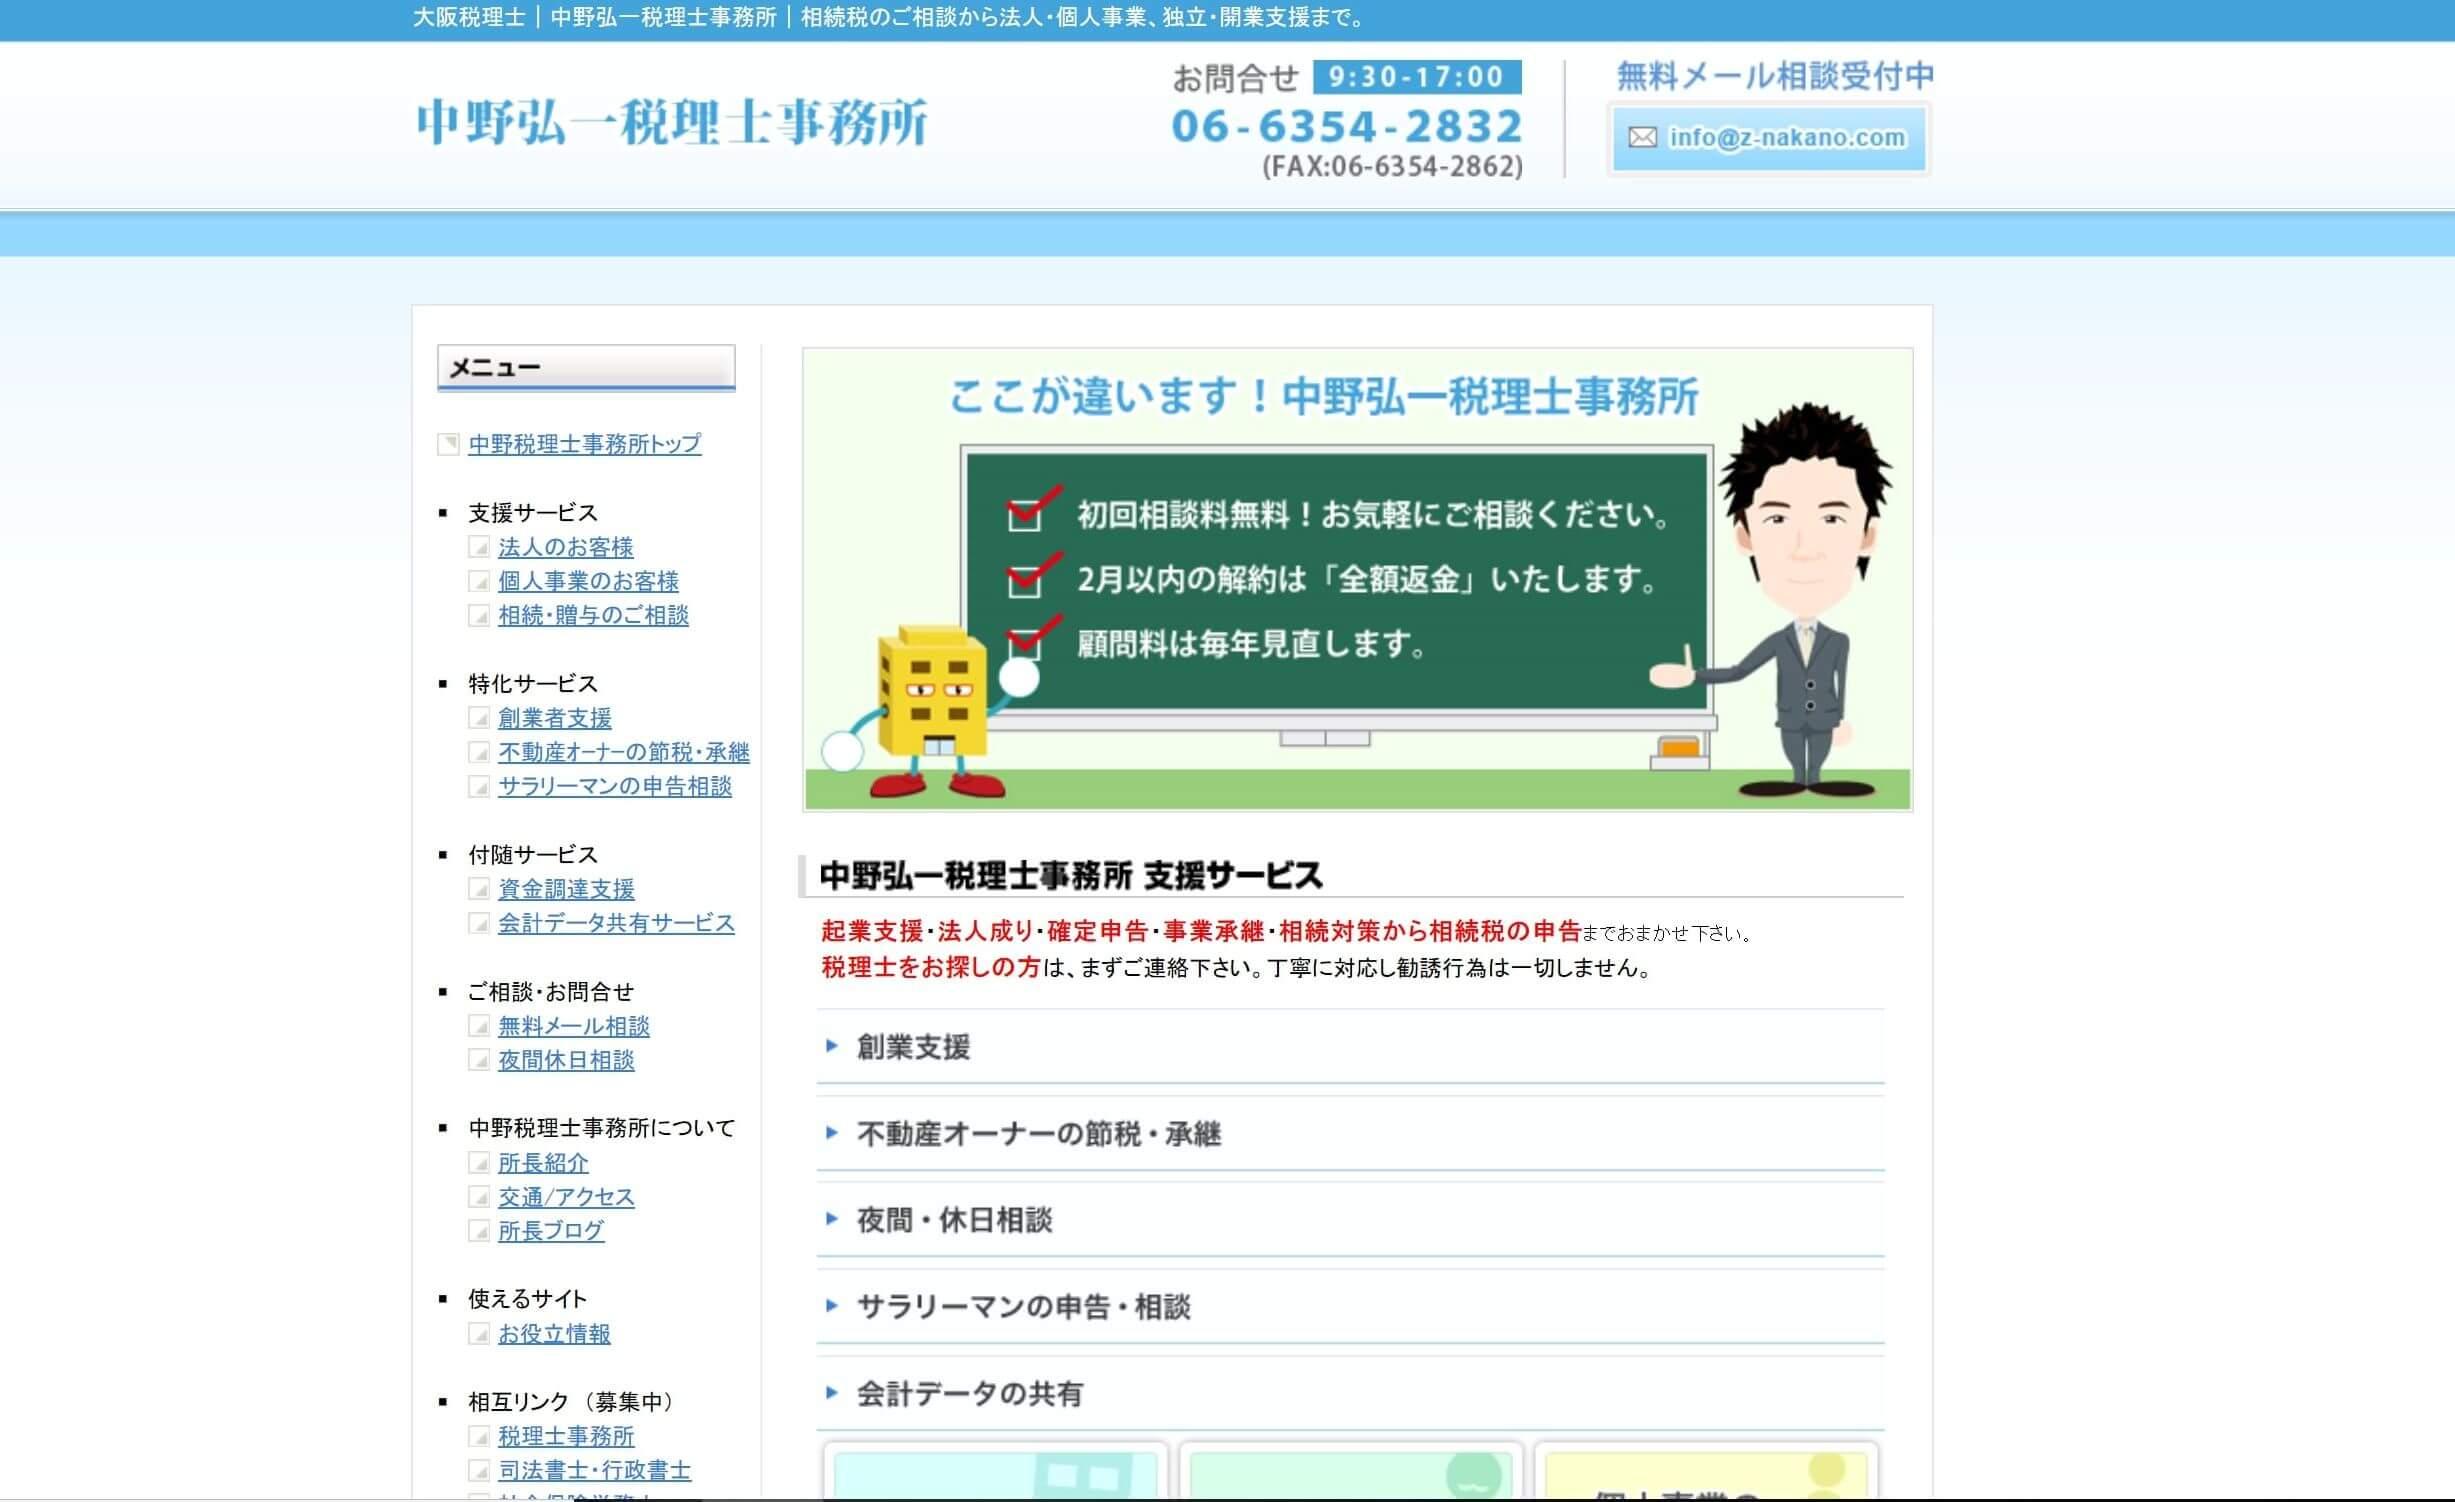 中野弘一税理士事務所